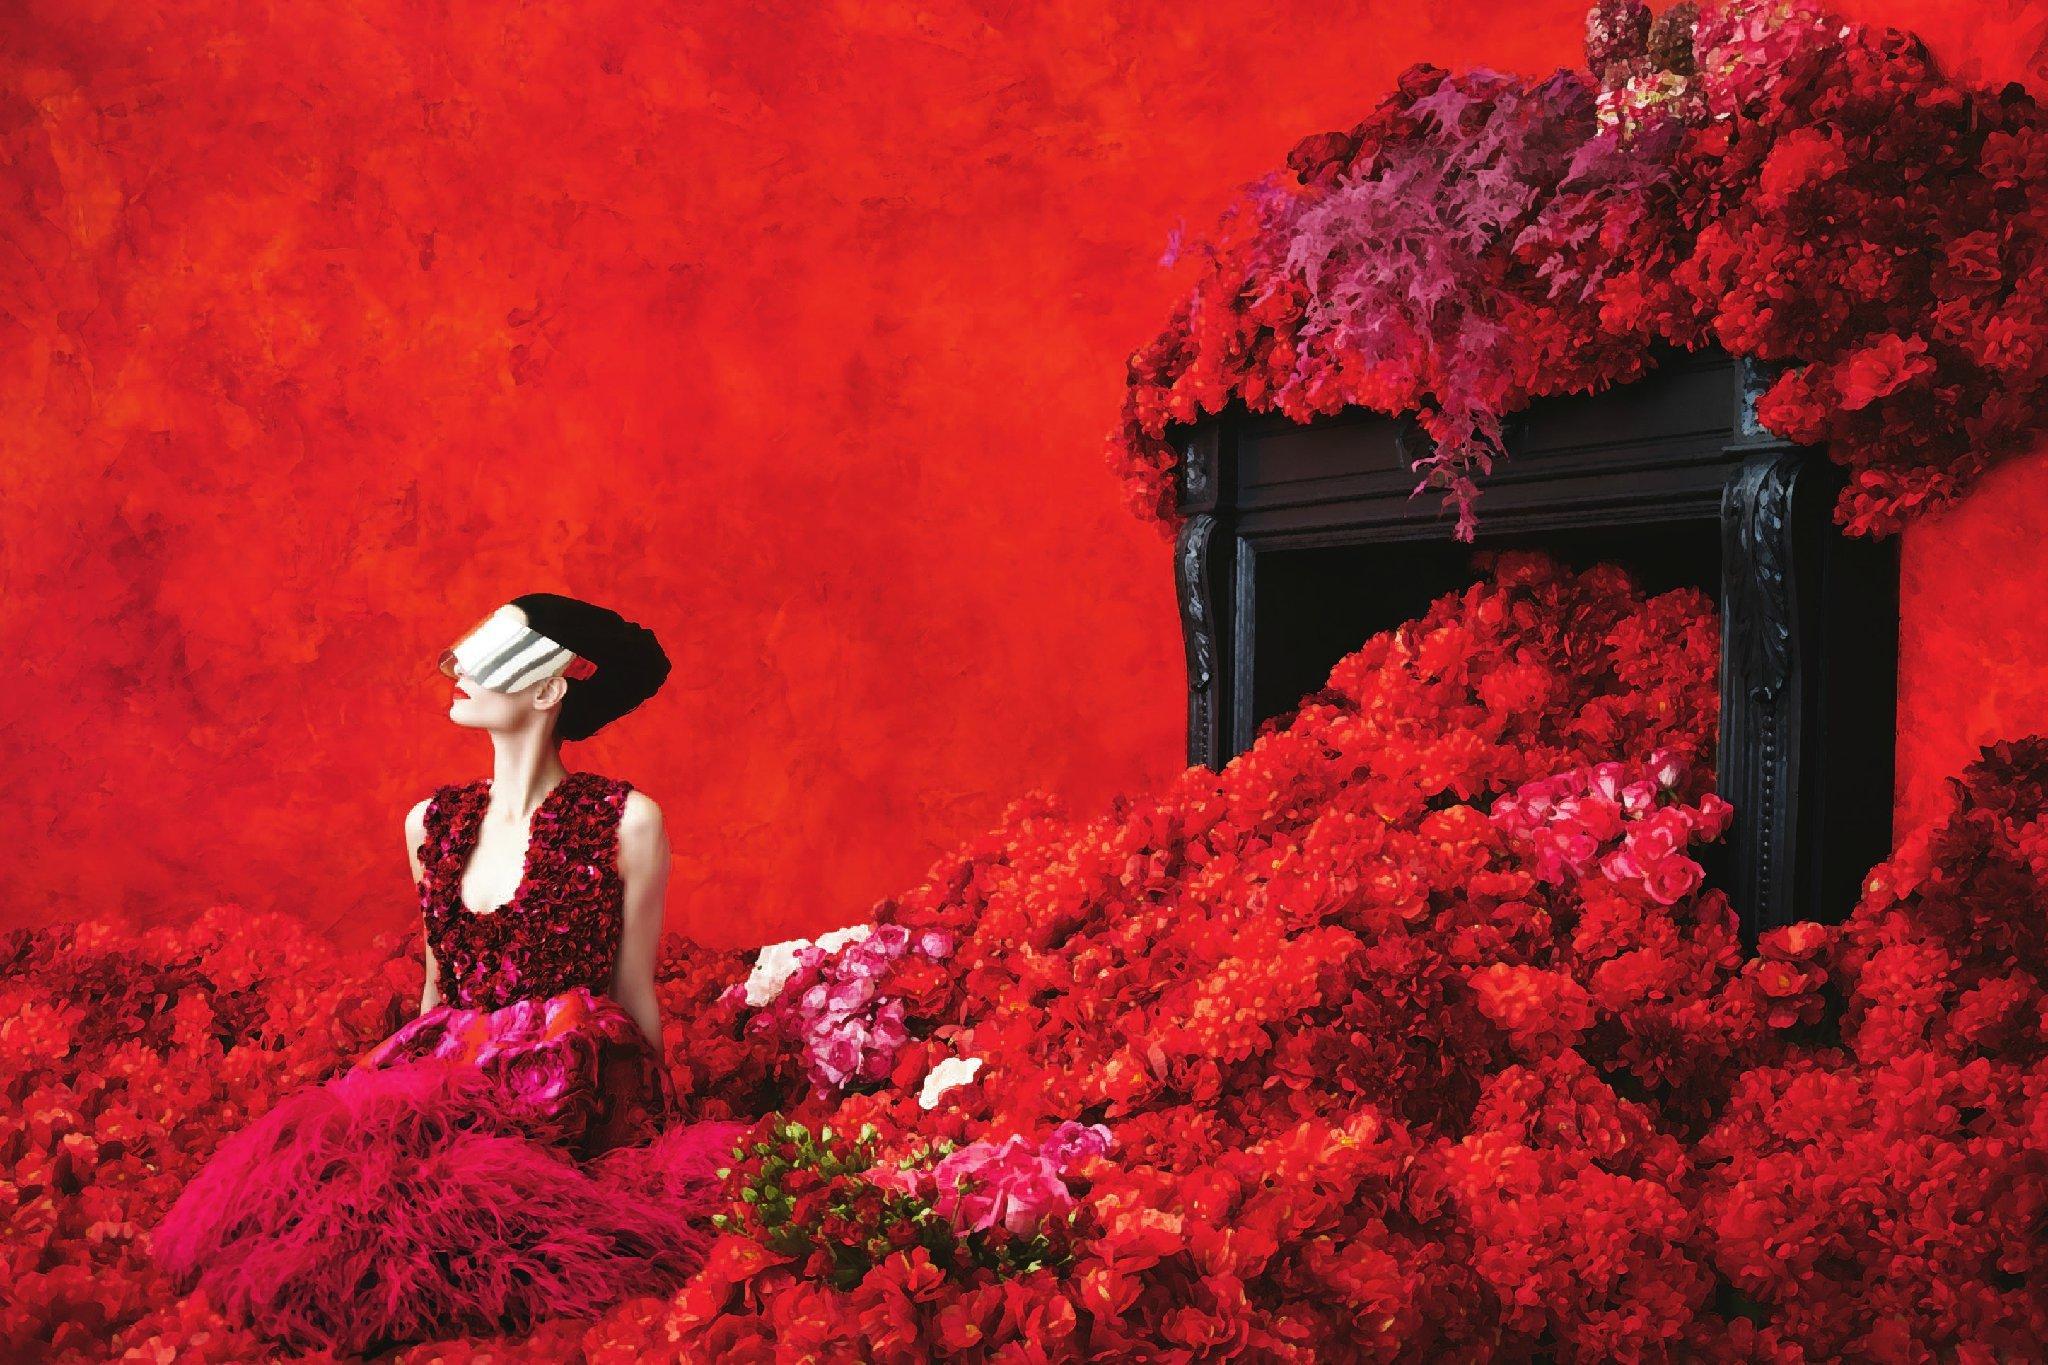 кроп-фотоаппаратов, увеличивающих на каком фоне фотографировать красный цвет подавляющем большинстве фотографий